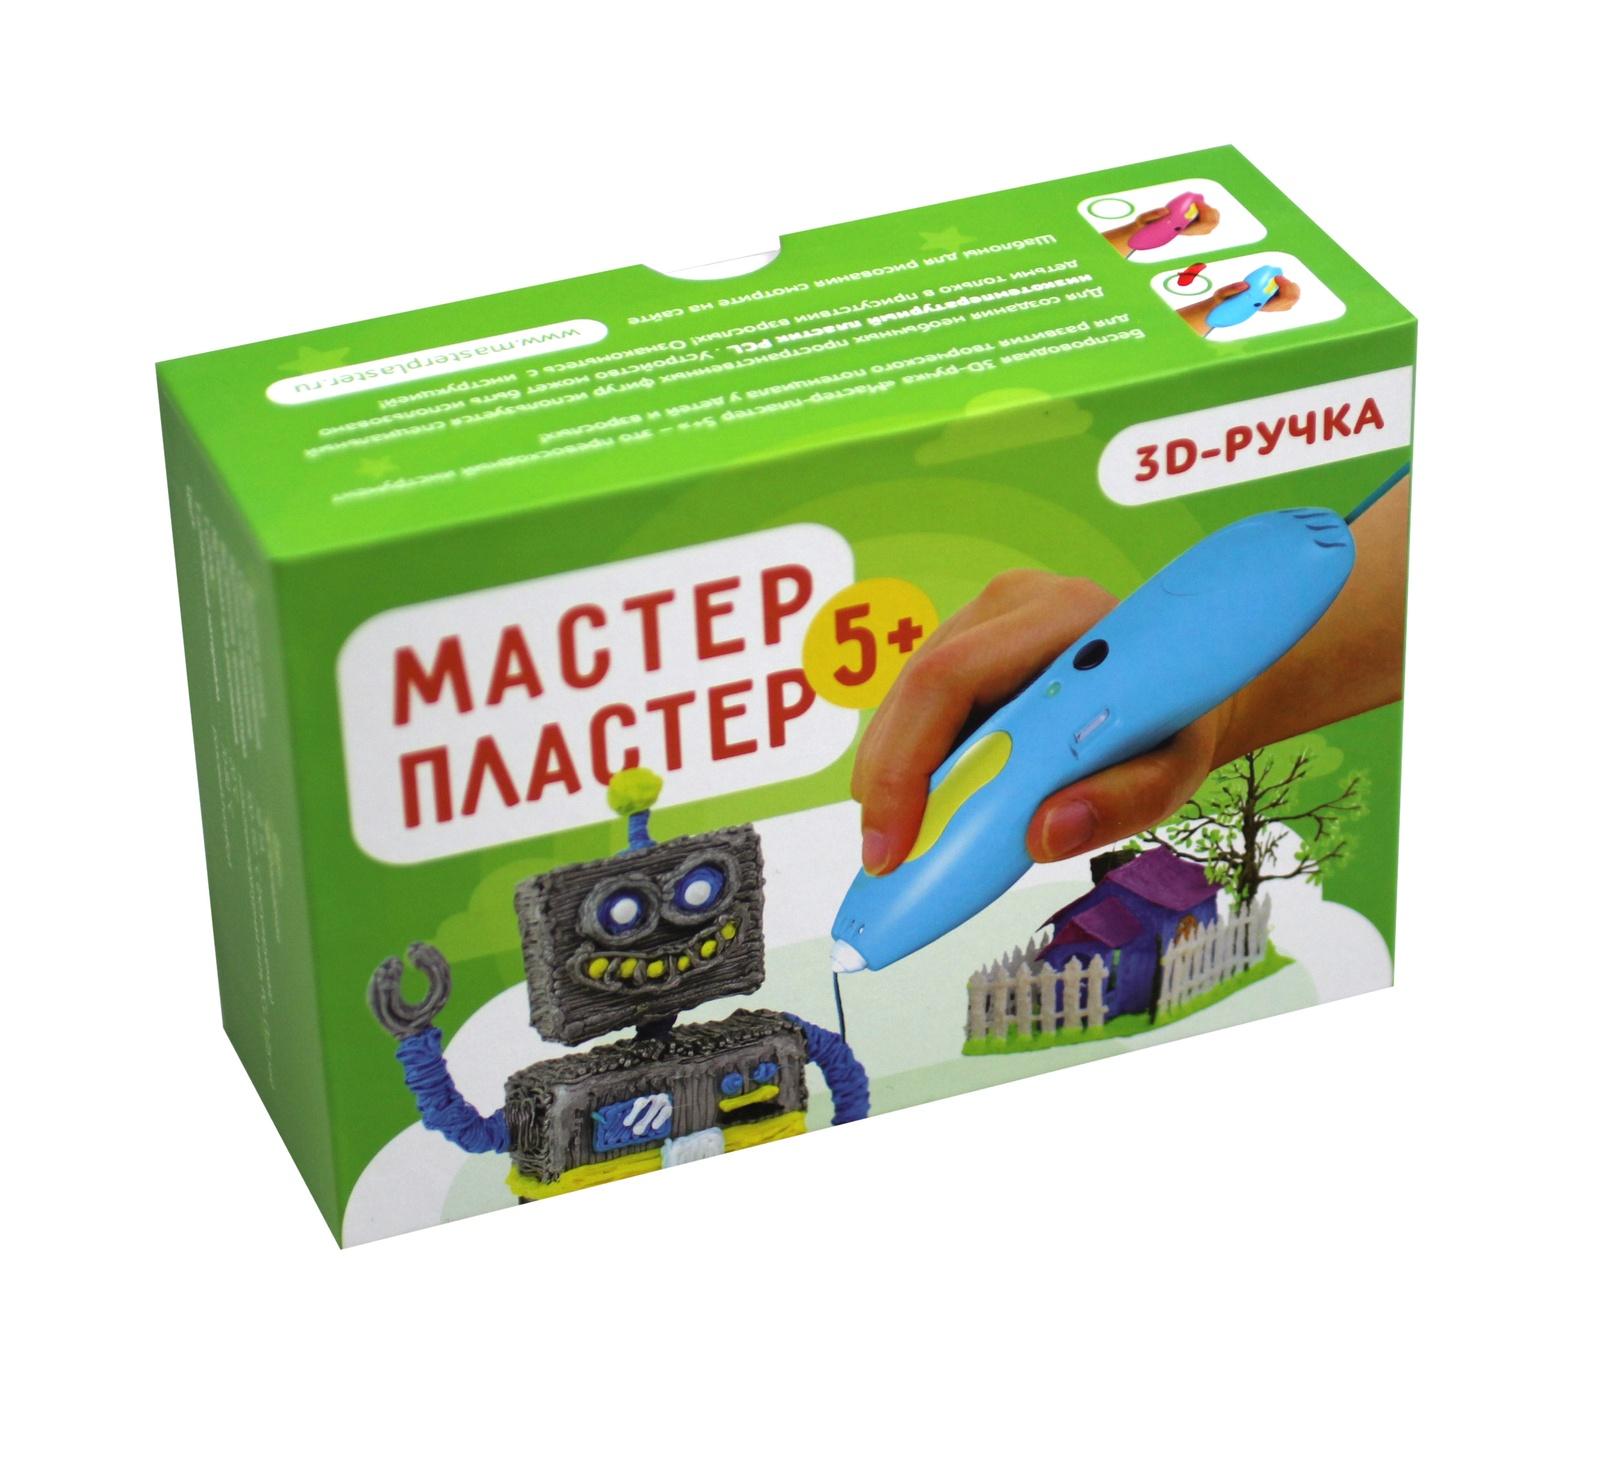 3D ручка Мастер-Пластер 5+, розовый070194Беспроводная низкотемпературная 3D ручка Мастер-Пластер 5+Цвет: розовыйОсобенности:- НЕ нагревается! (используется низкотемпературный пластик).- Работает БЕЗ проводов! Ручка оснащена встроенным аккумулятором.- Стильный эргономичный дизайн.- Удобная и безопасная форма. Ручка выполнена с Soft-Touch покрытием, не скользит и идеально подходит для детской руки.- 2 ярких цвета исполнения (розовый/голубой).- Простота использования, быстрый ввод/вывод пластика.Характеристики:Диаметр сопла: 0,9 ммСкорость печати: настраиваемаяРабочее напряжение: 5В 1АМатериал для печати: низкотемпературная нить PCL (1,75 мм)Температура сопла: 20?СТемпература плавления материала: 70-80 ?СЗагрузка нити: одно нажатие - загрузить нить/остановить,двойное нажатие – вытащить нить